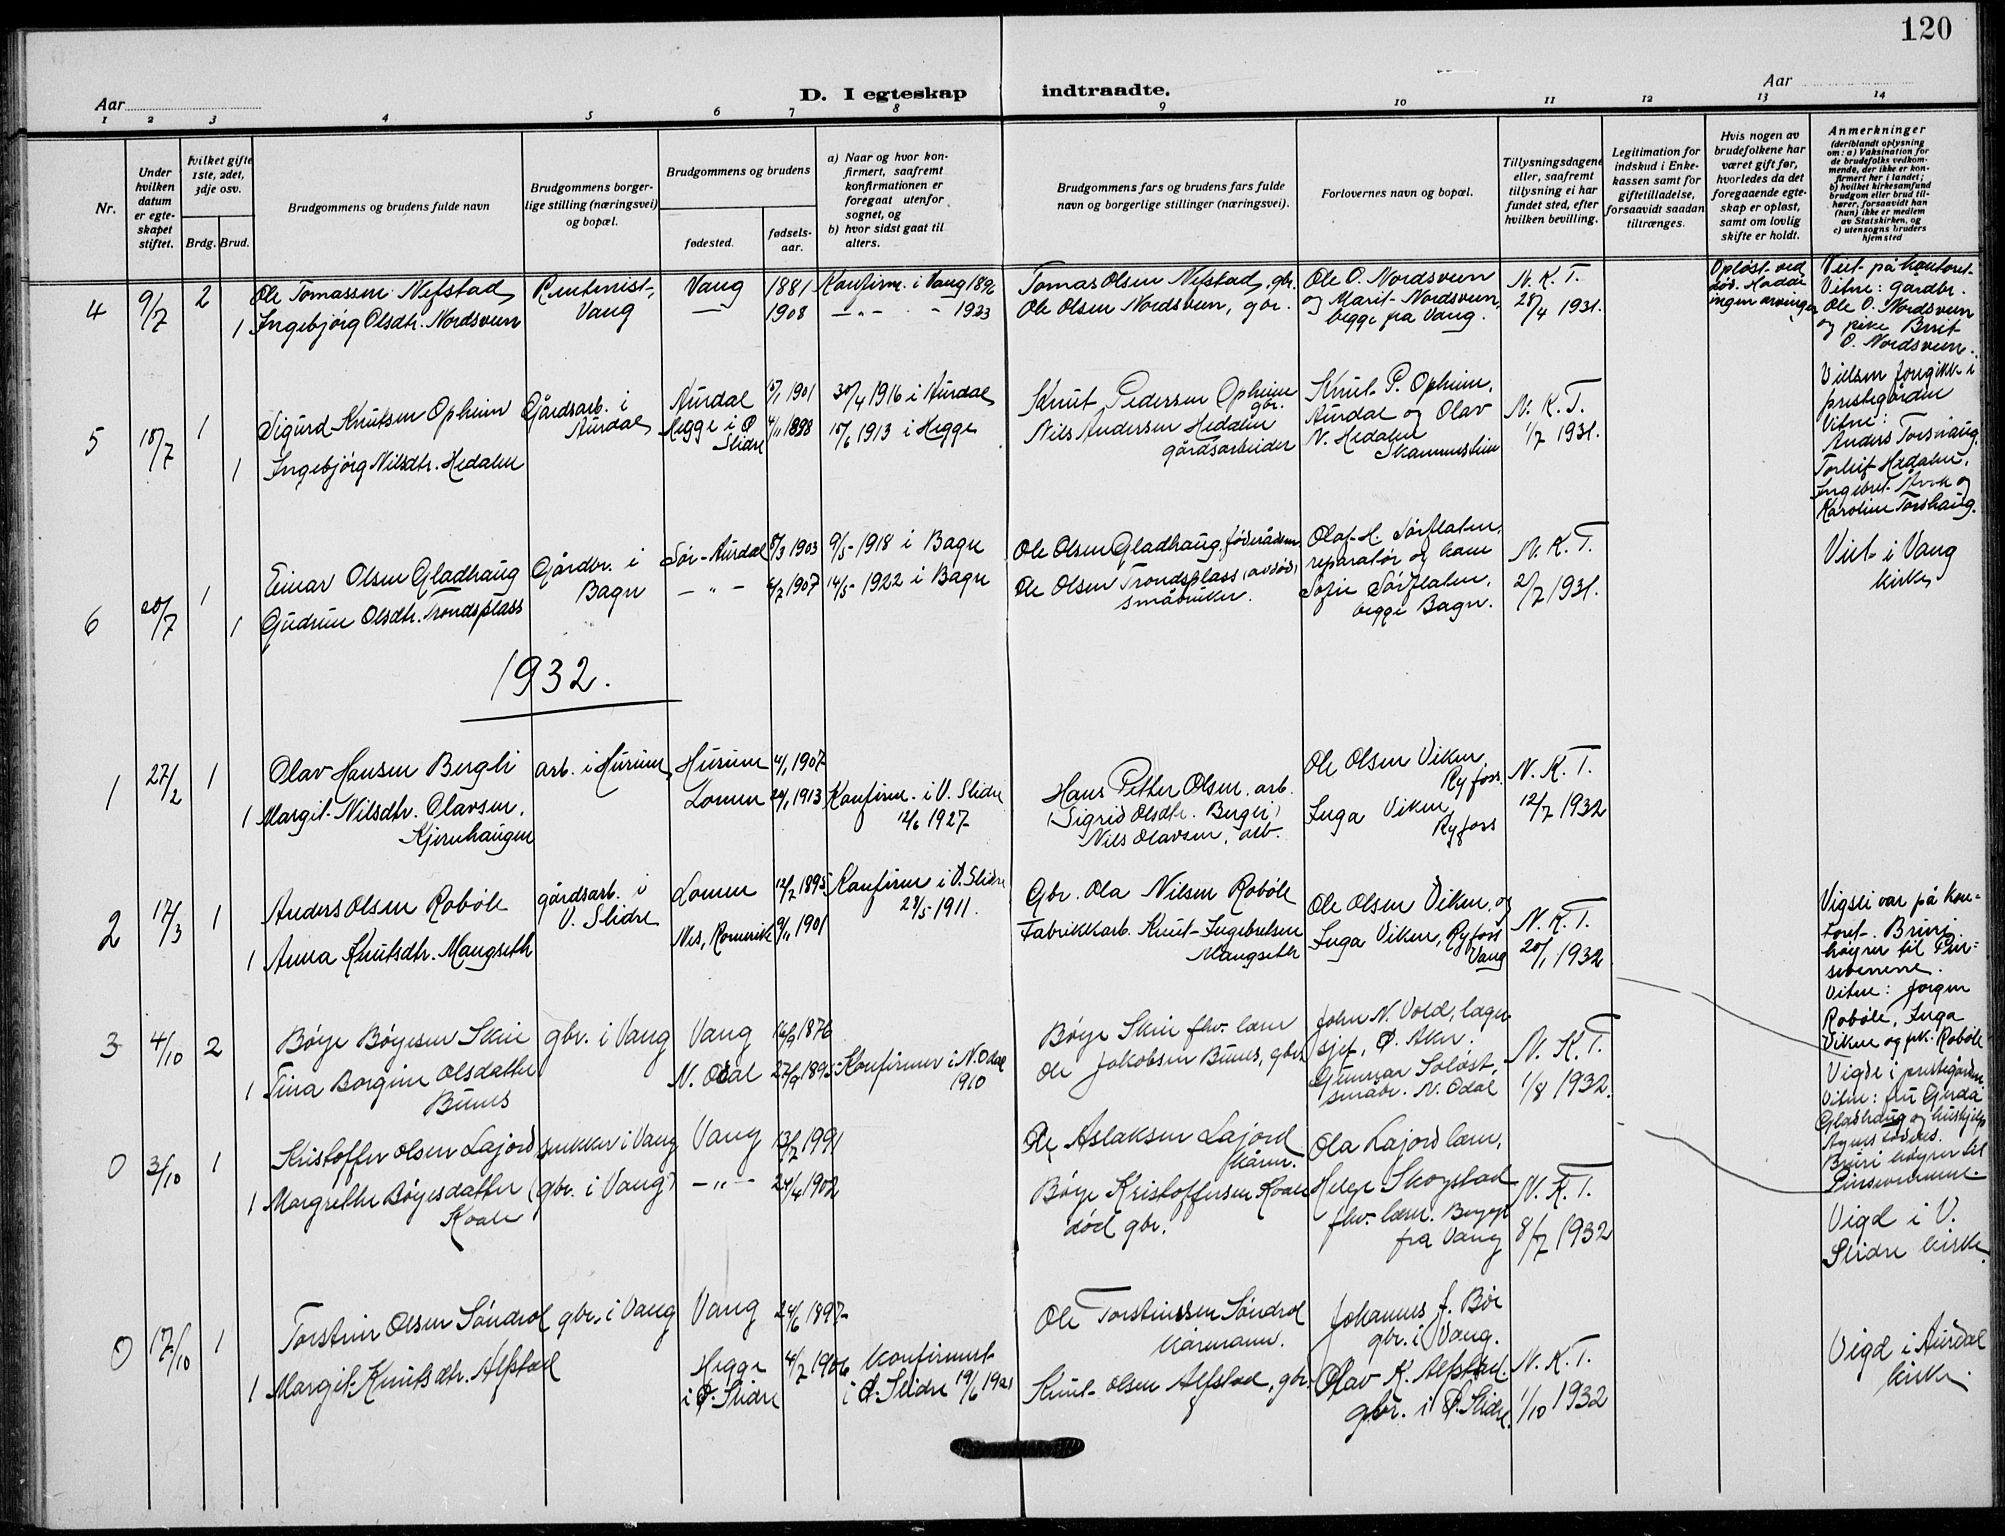 SAH, Vang prestekontor, Valdres, Klokkerbok nr. 12, 1919-1937, s. 120